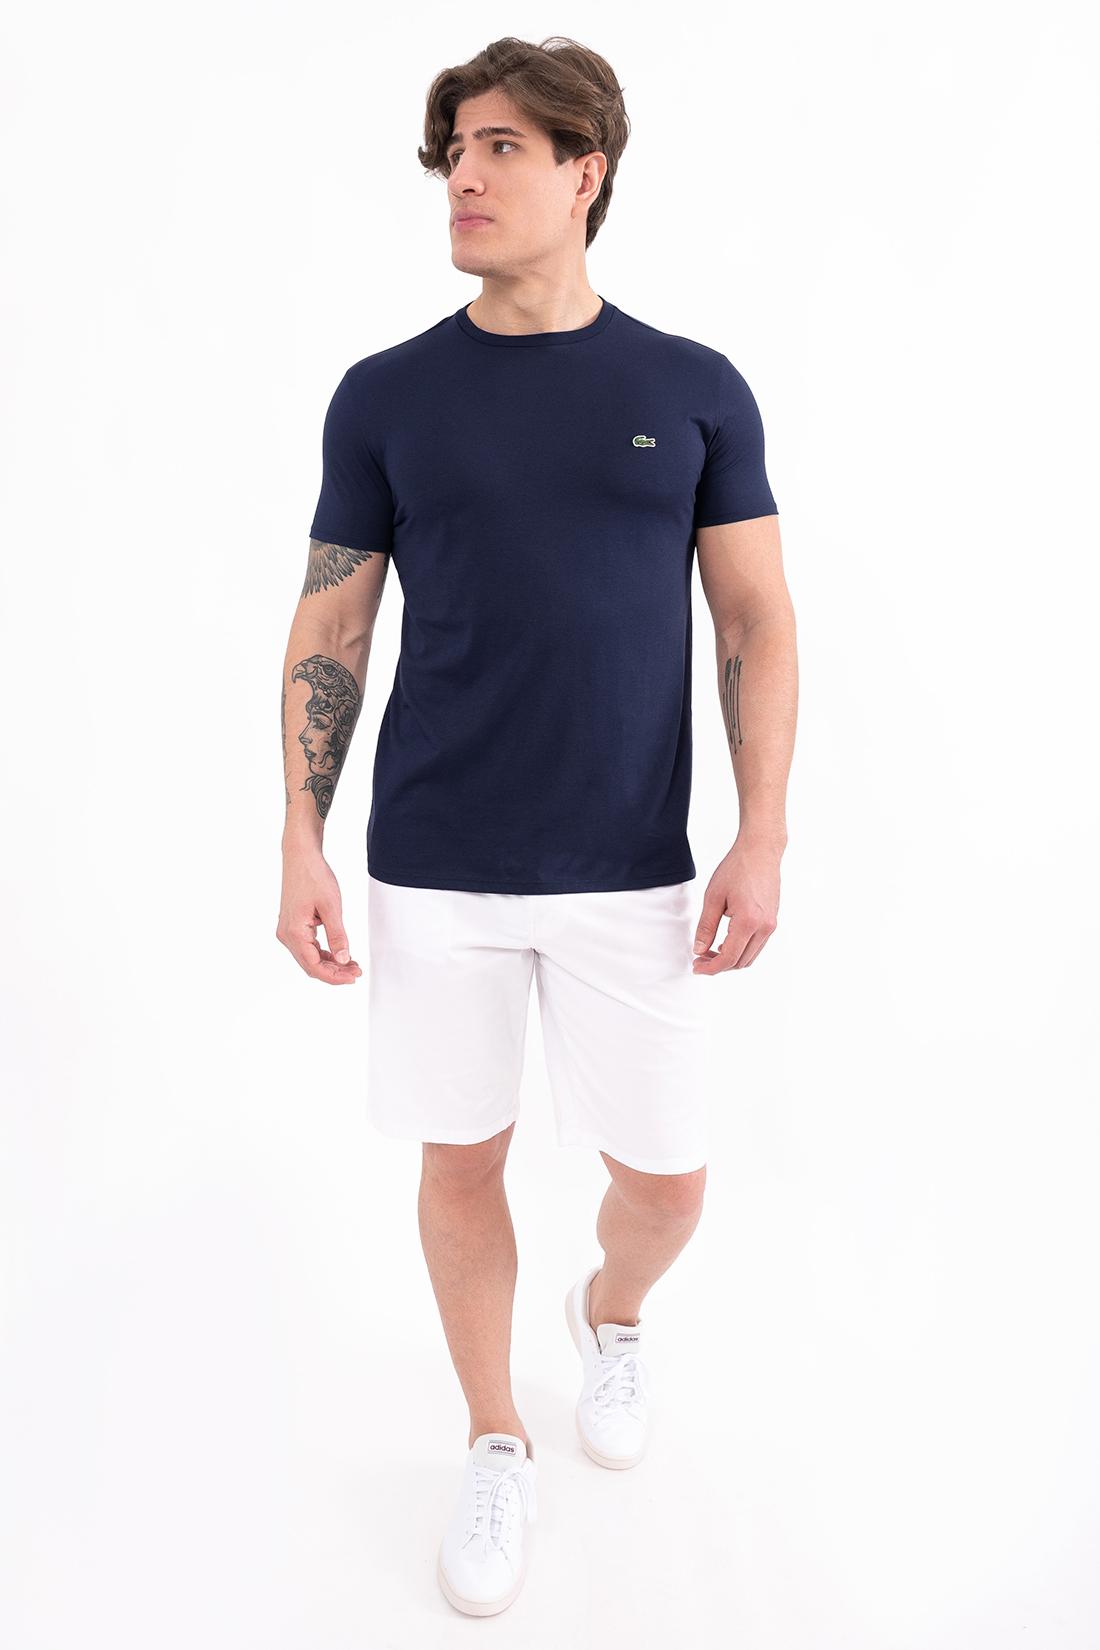 Camiseta Mc Lacoste Basic